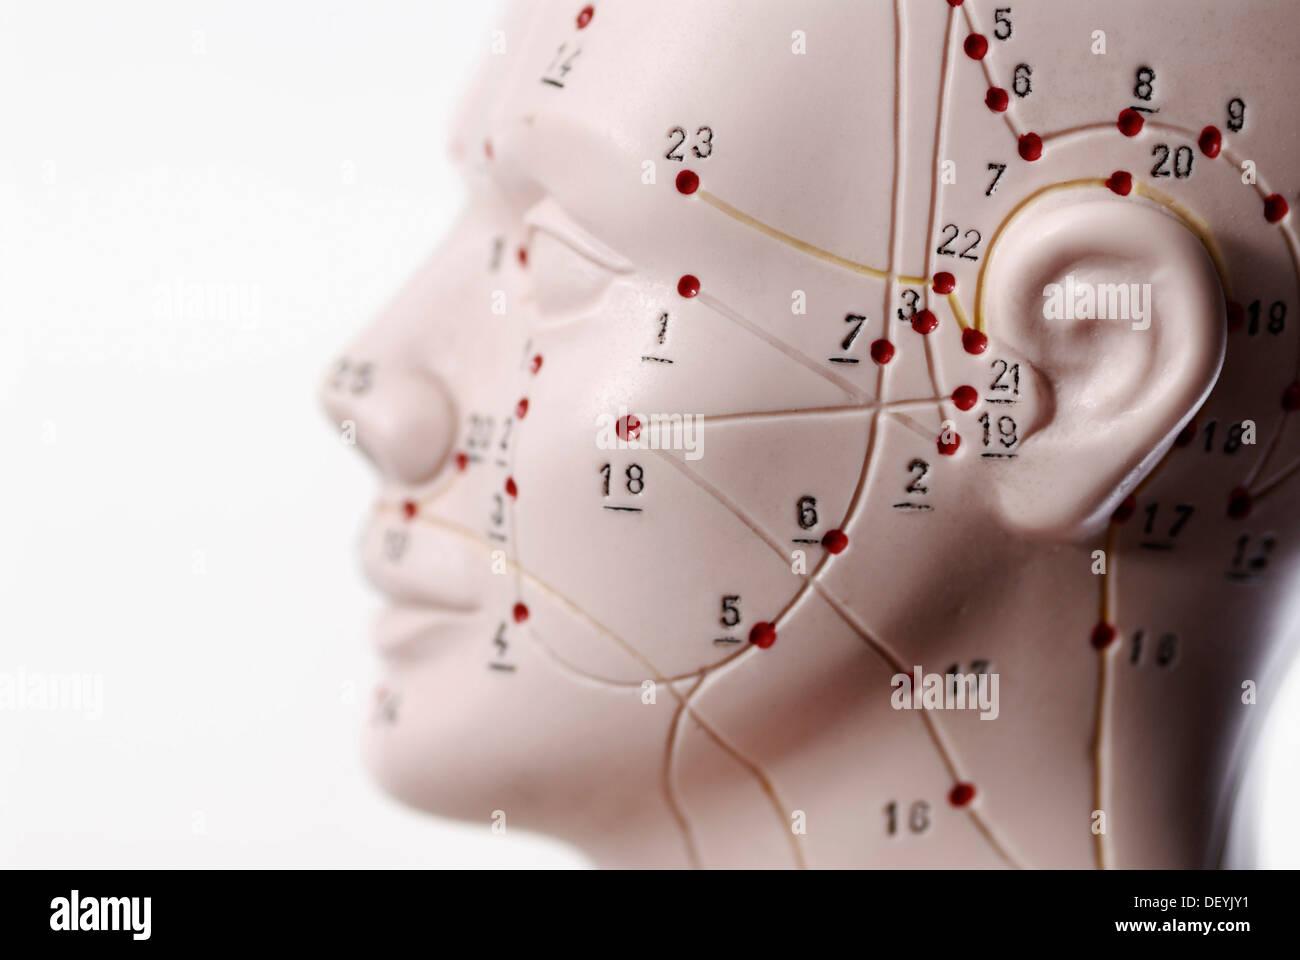 Anatomisches Modell, Kopf mit Akupunktur-Punkte Stockfoto, Bild ...